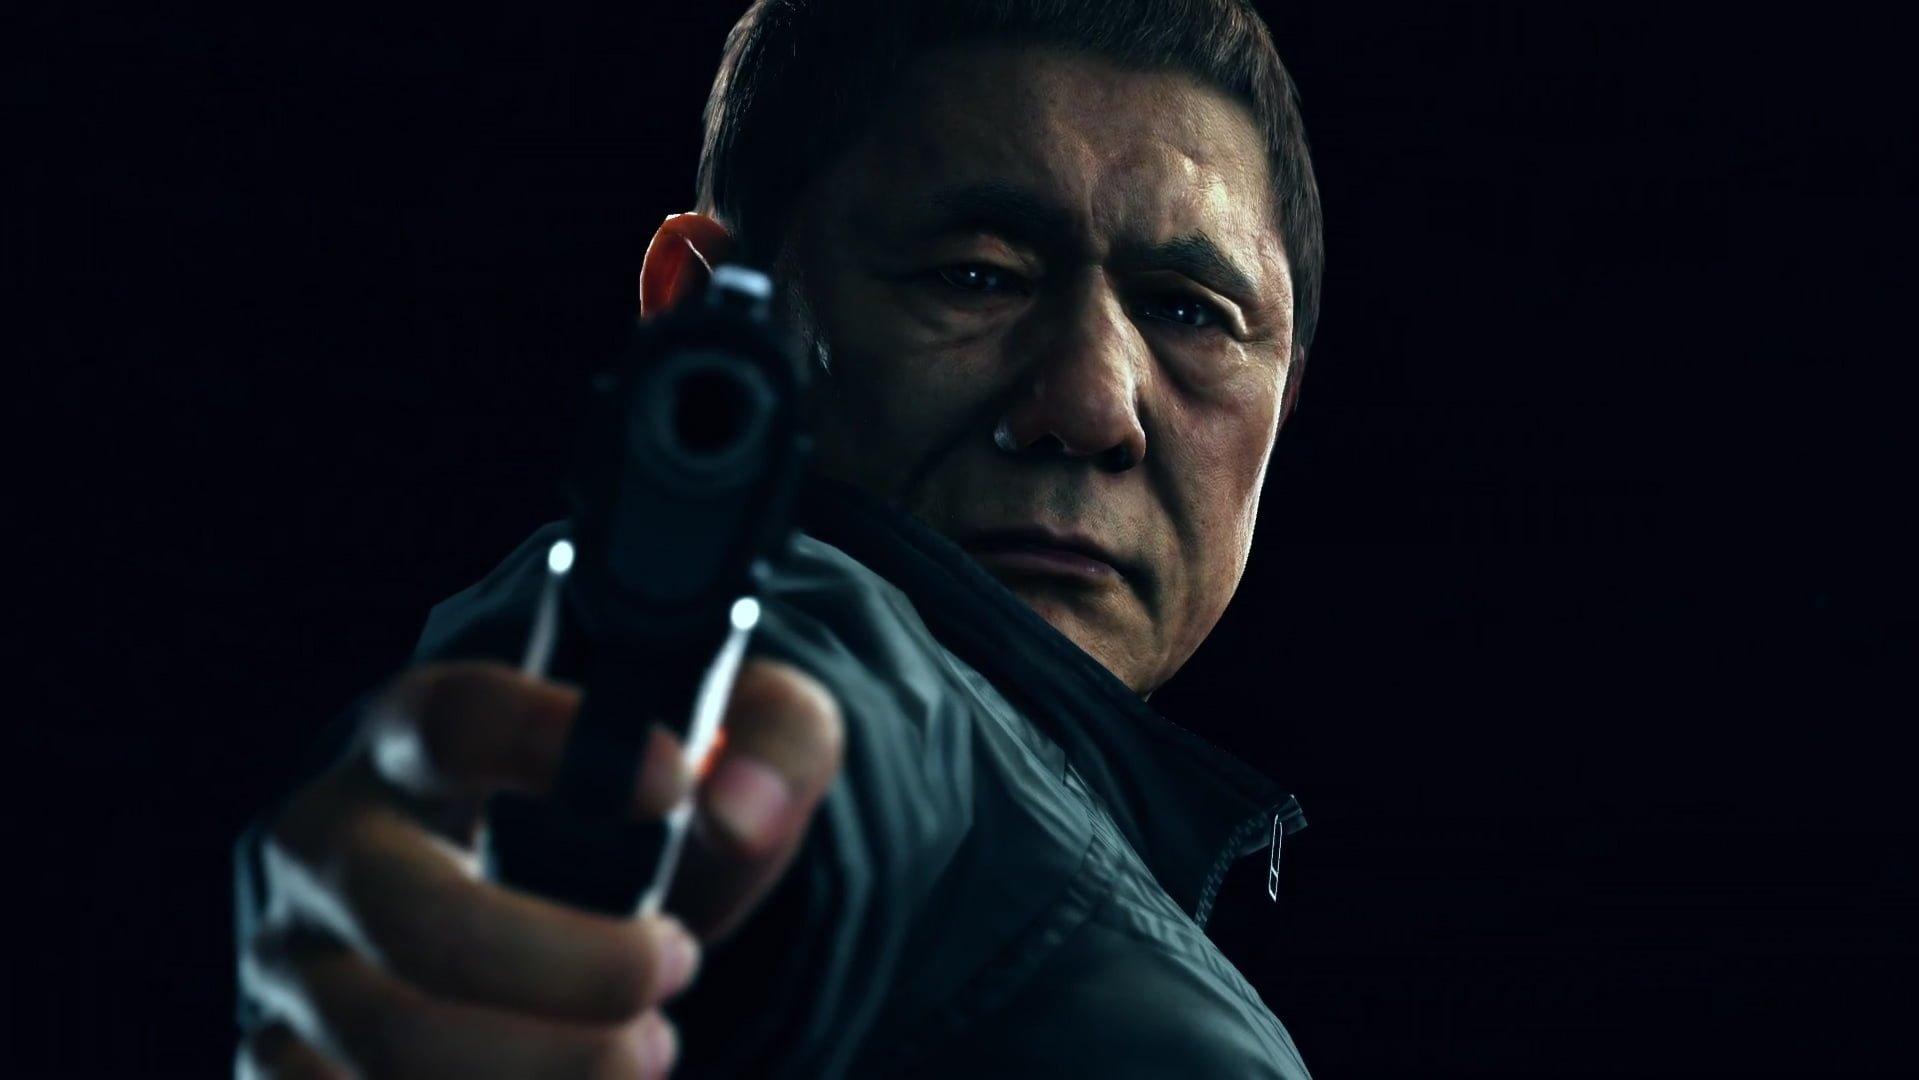 北野武:超脫日本的世界級電影鬼才親筆撰寫的10大精選好書